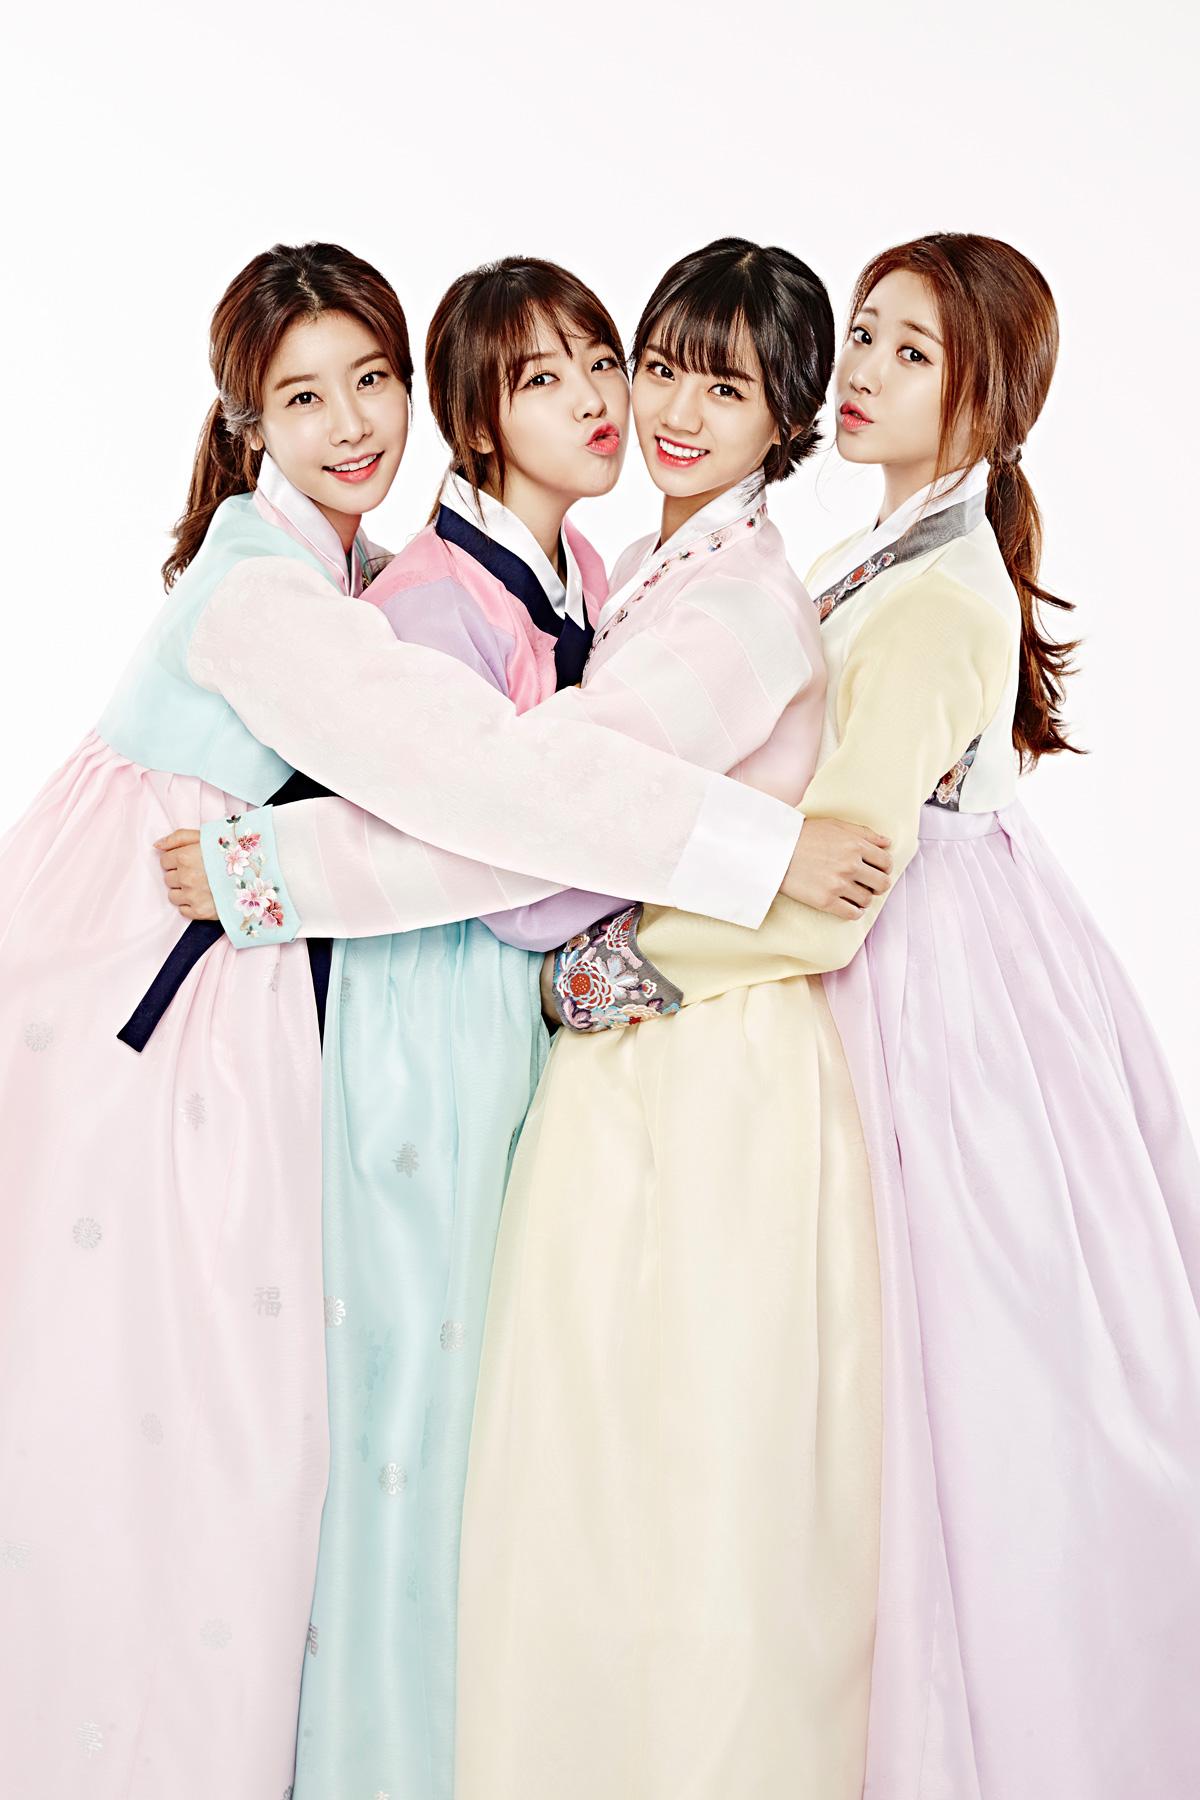 果然每年過年就是要快GIRL'S DAY 每年都會換上韓服問候 果然誠意滿滿啊 MINAH 連拍韓服照都要搞怪~CUTE!